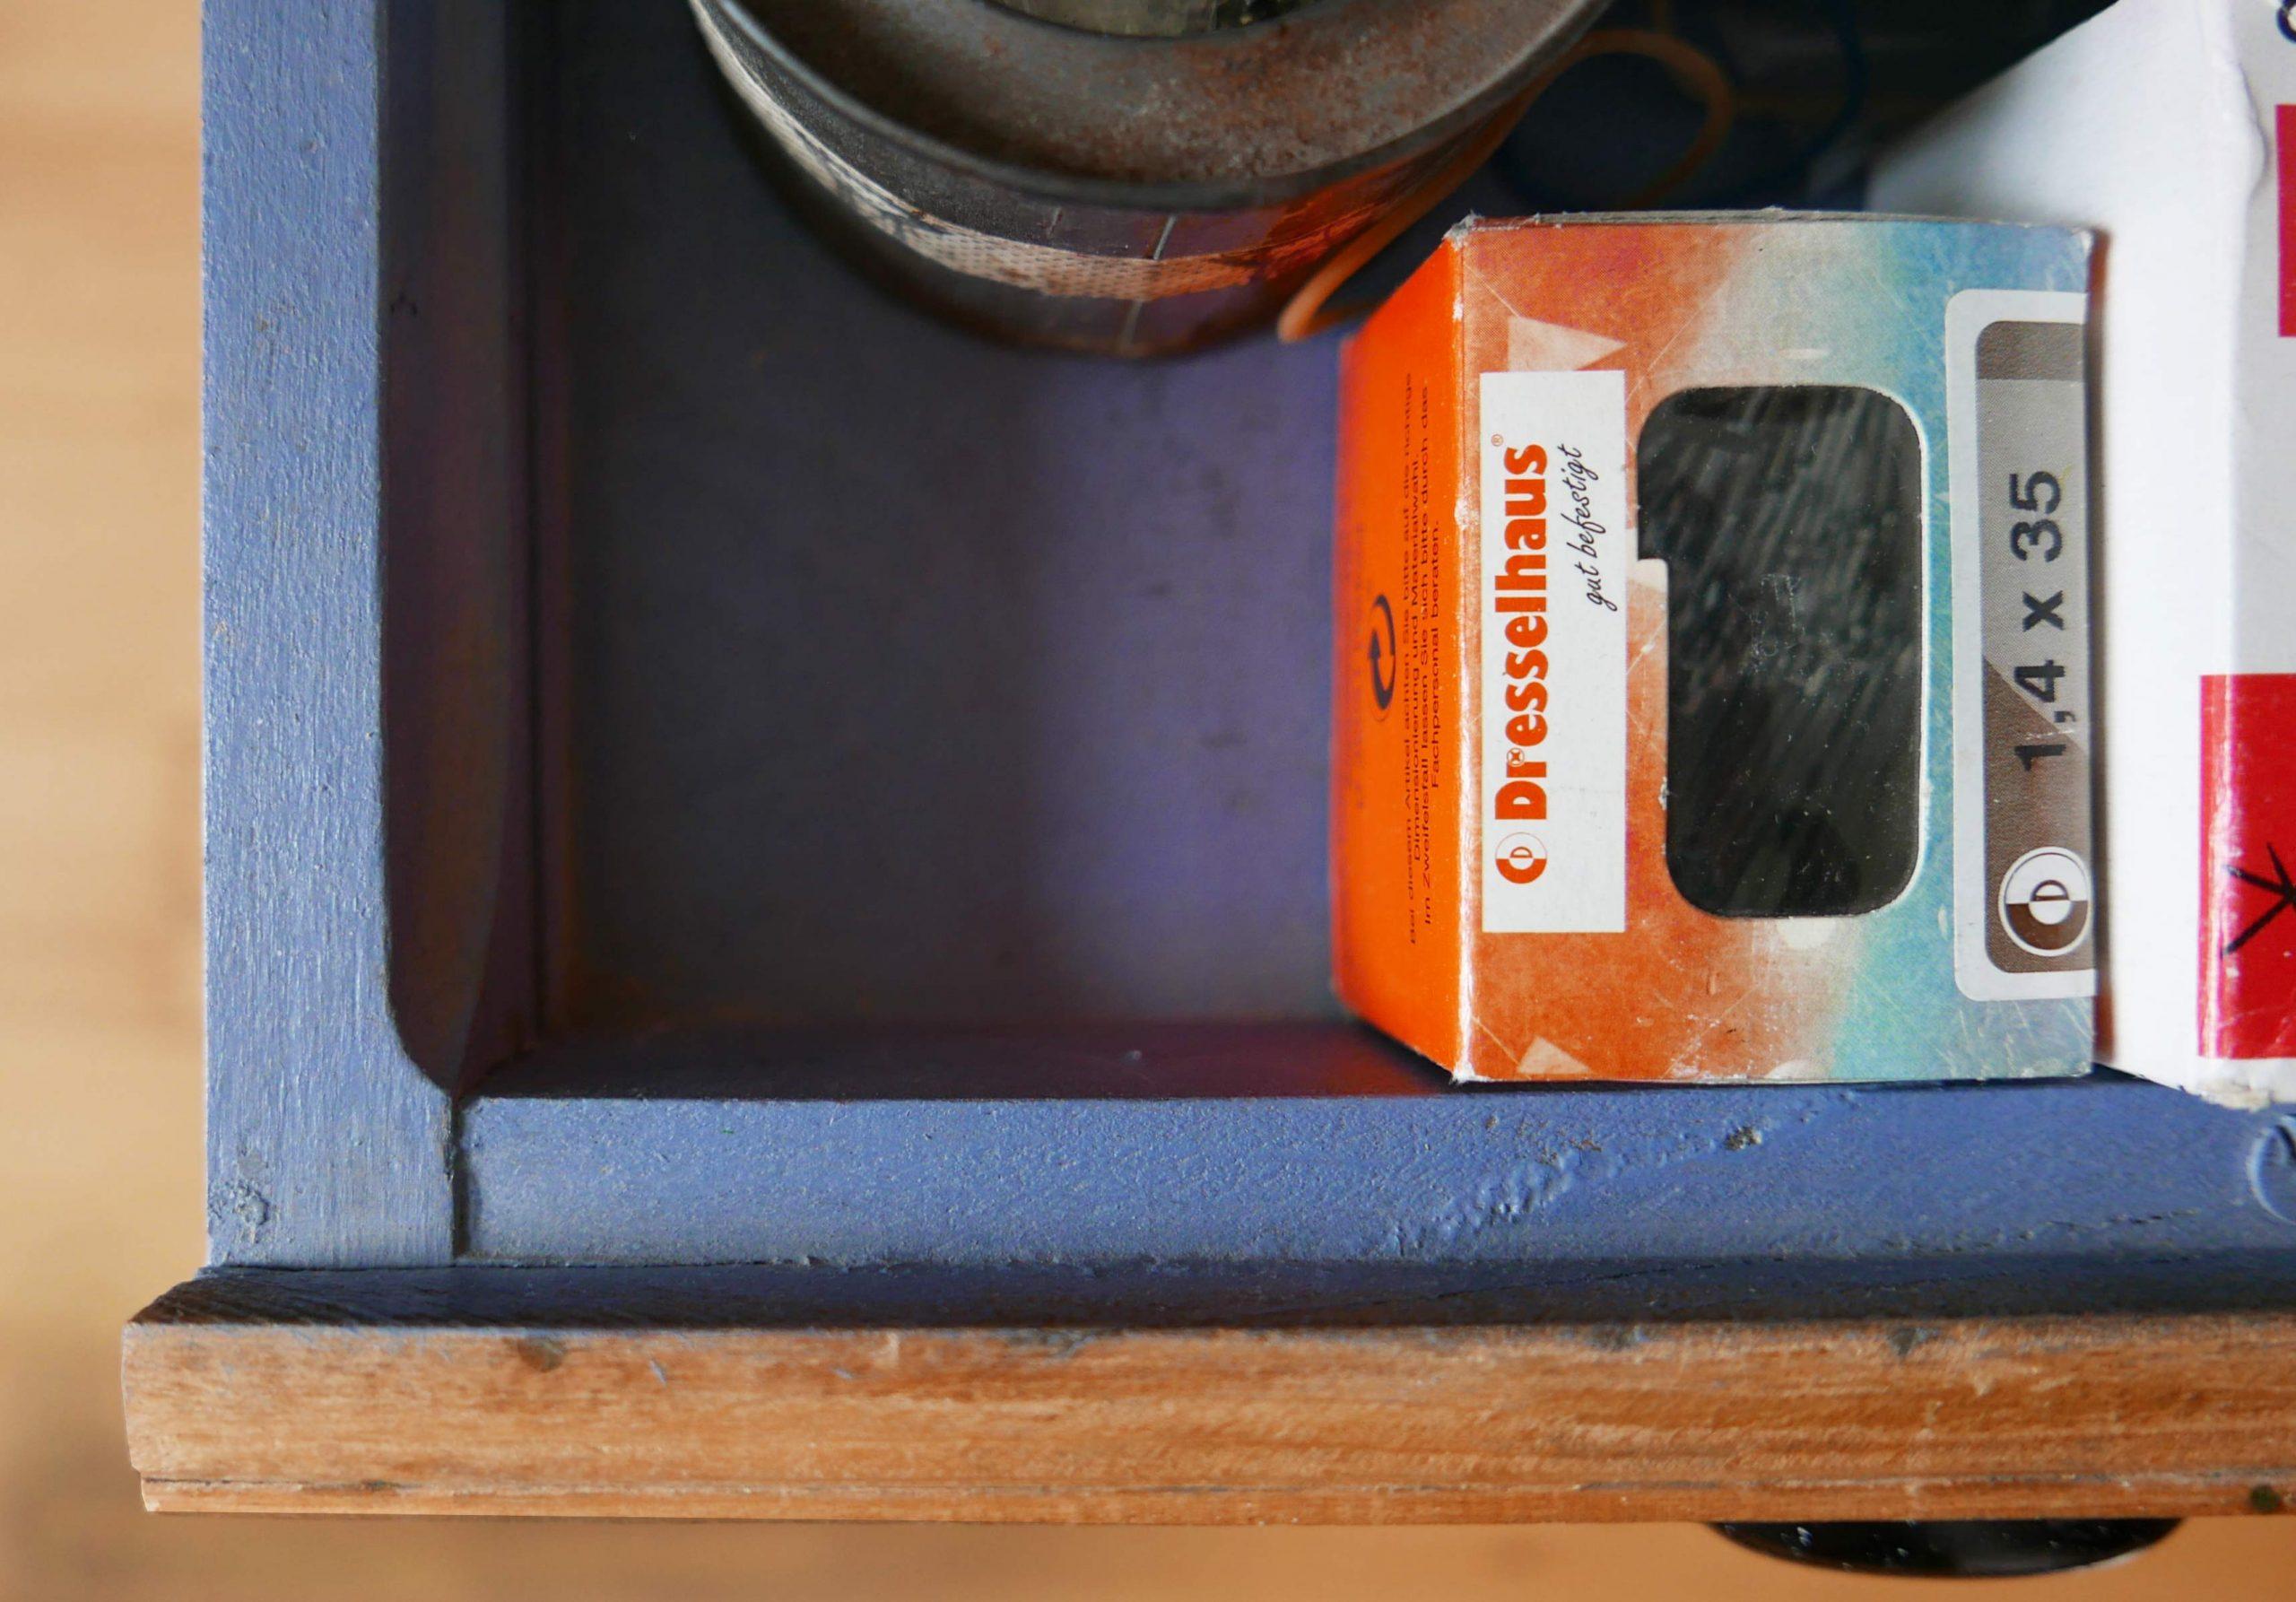 Innenraum der Schubladen im Schubladenschrank blau lackiert Schubladenschrank Provisorium das hält